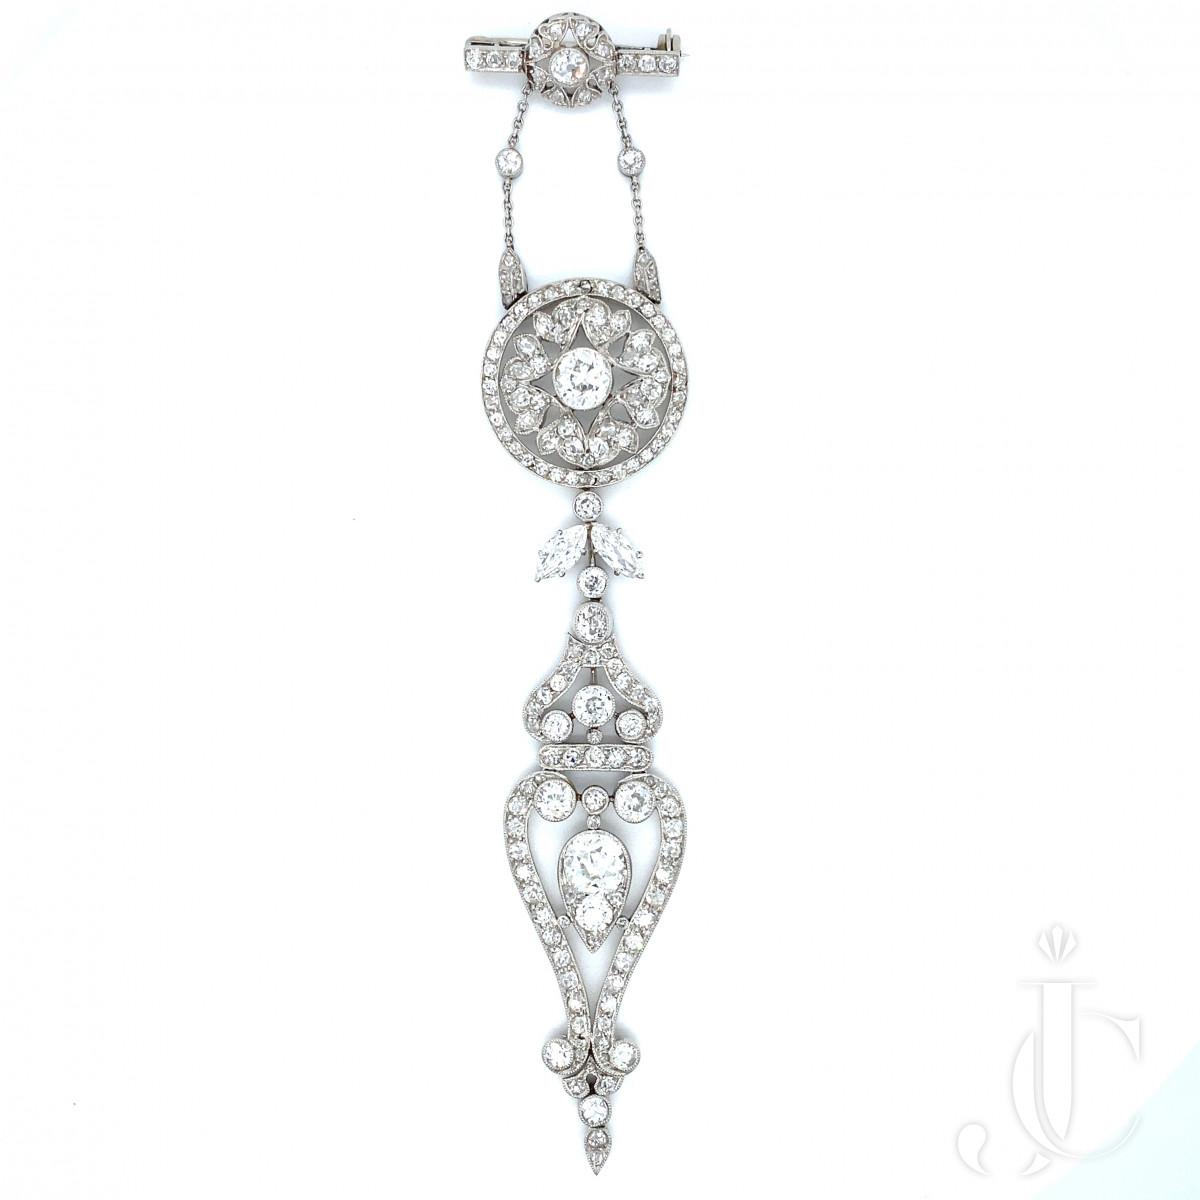 Diamond lapel brooch